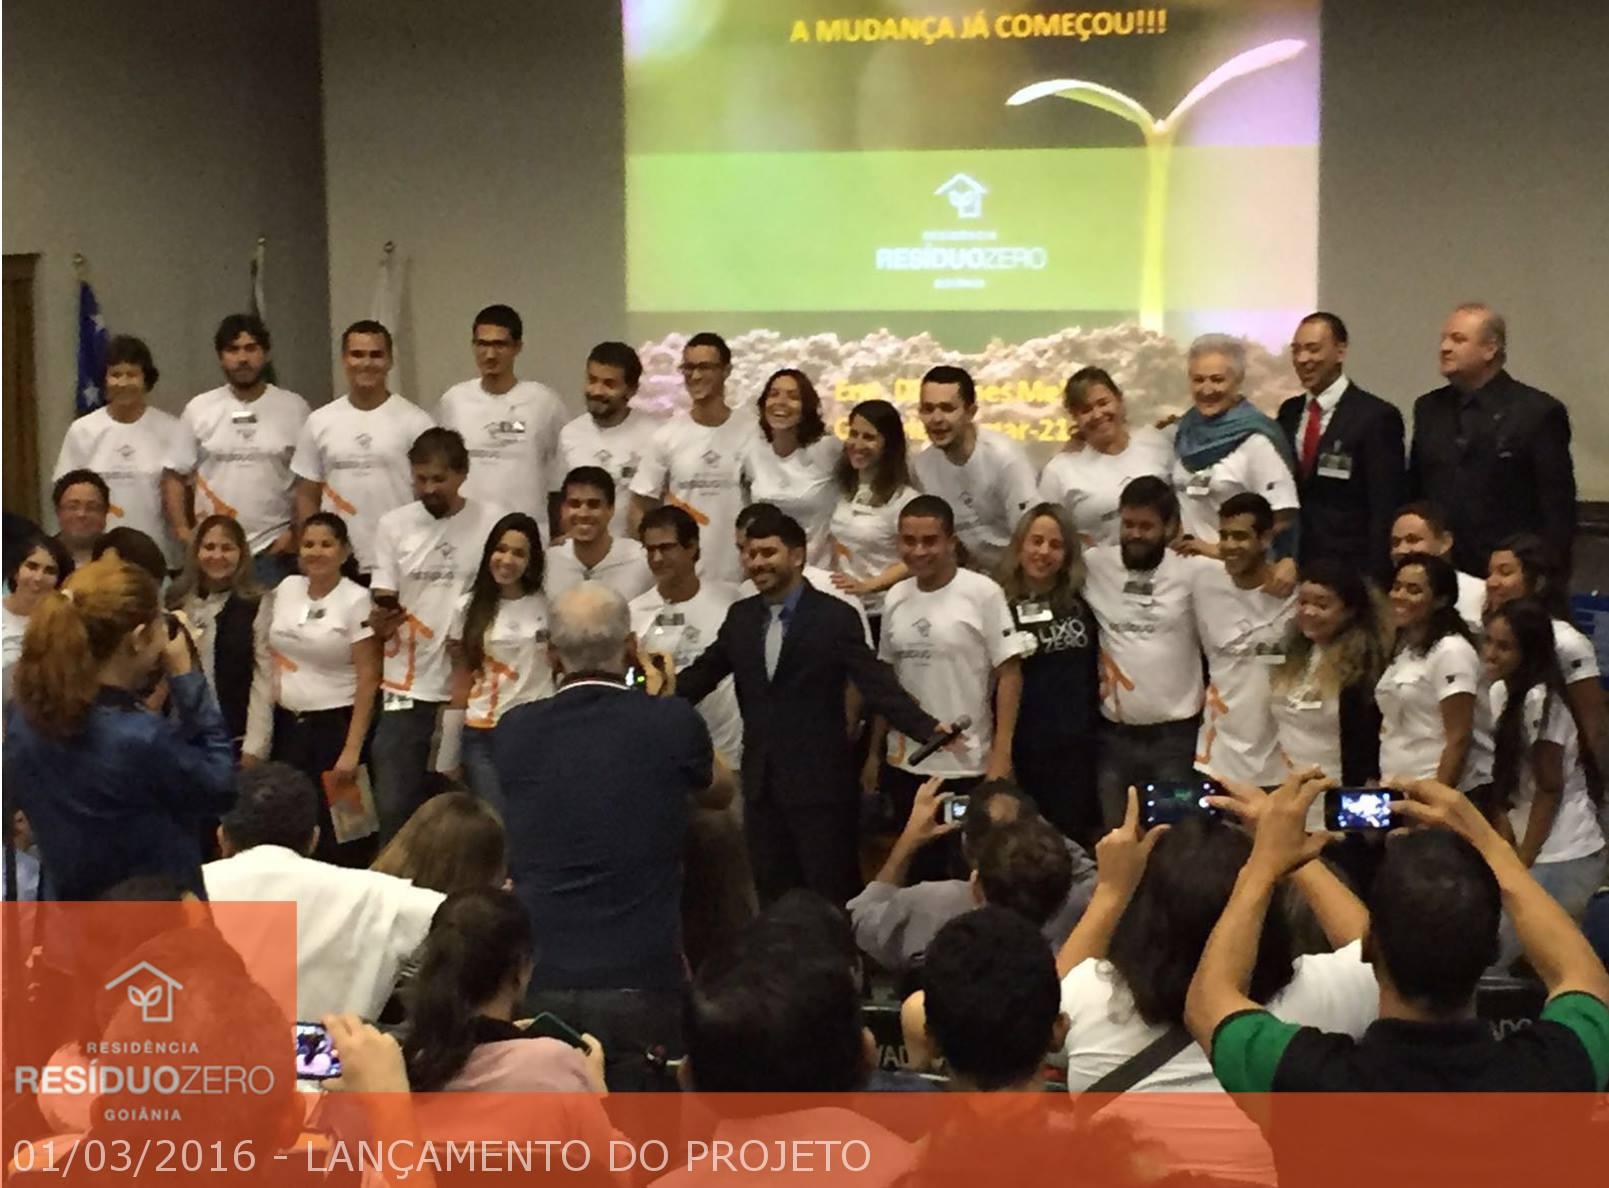 Lançamento do Projeto Residência Resíduo Zero Goiânia juntamente com a equipe gestora, autoridades e convidados.